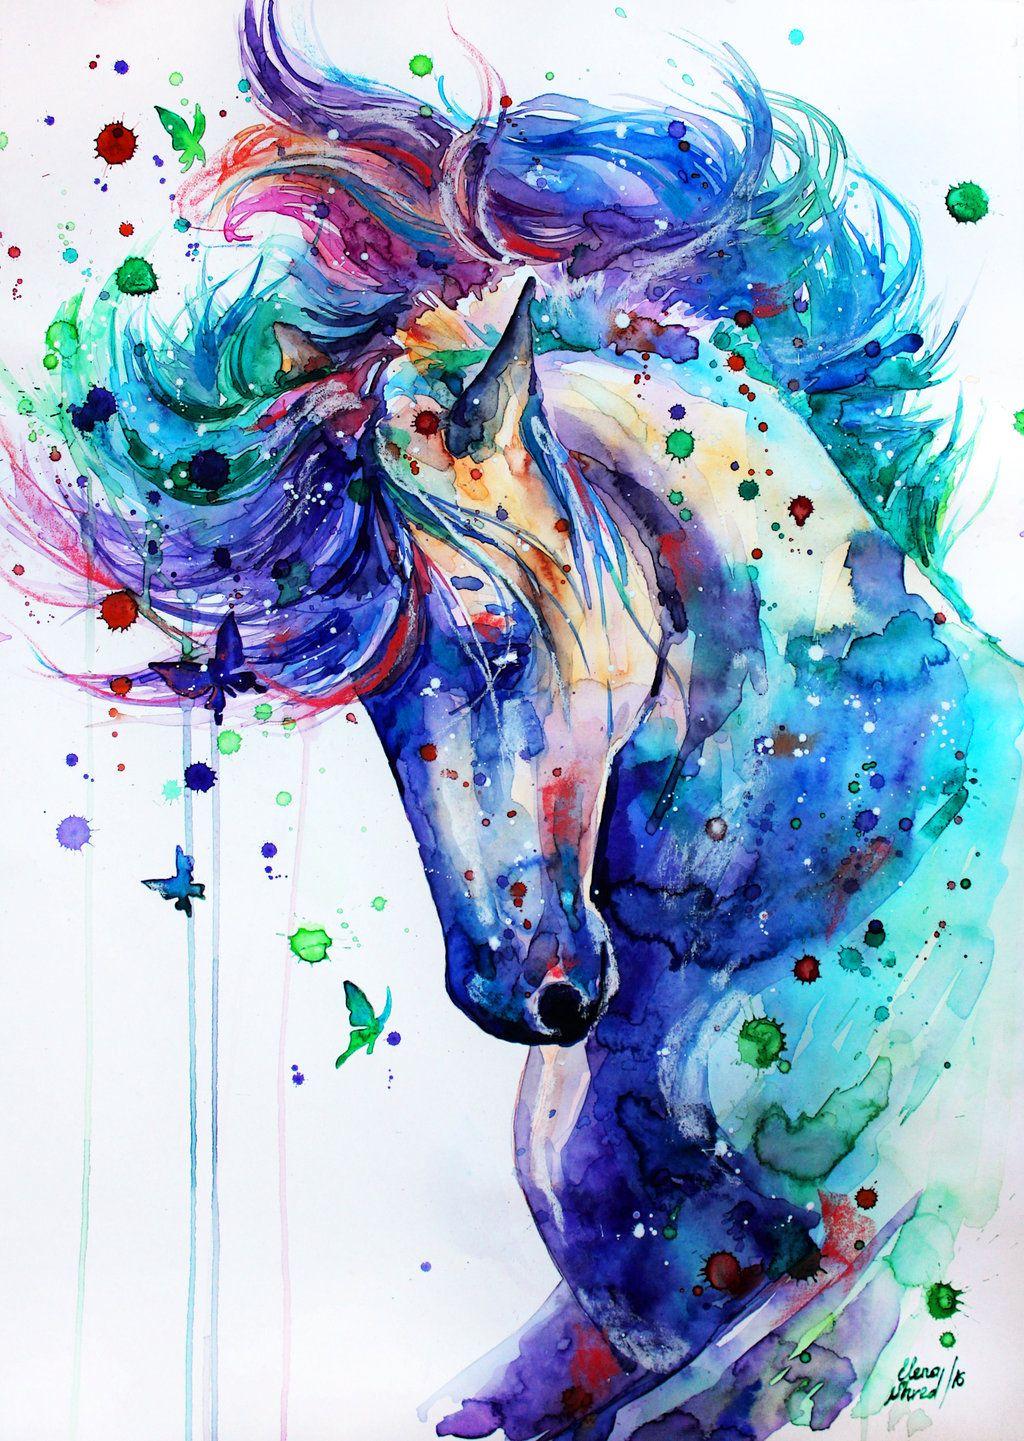 25 Seguindo Tumblr Cavalo Aquarela Cavalos E Pinturas De Animais